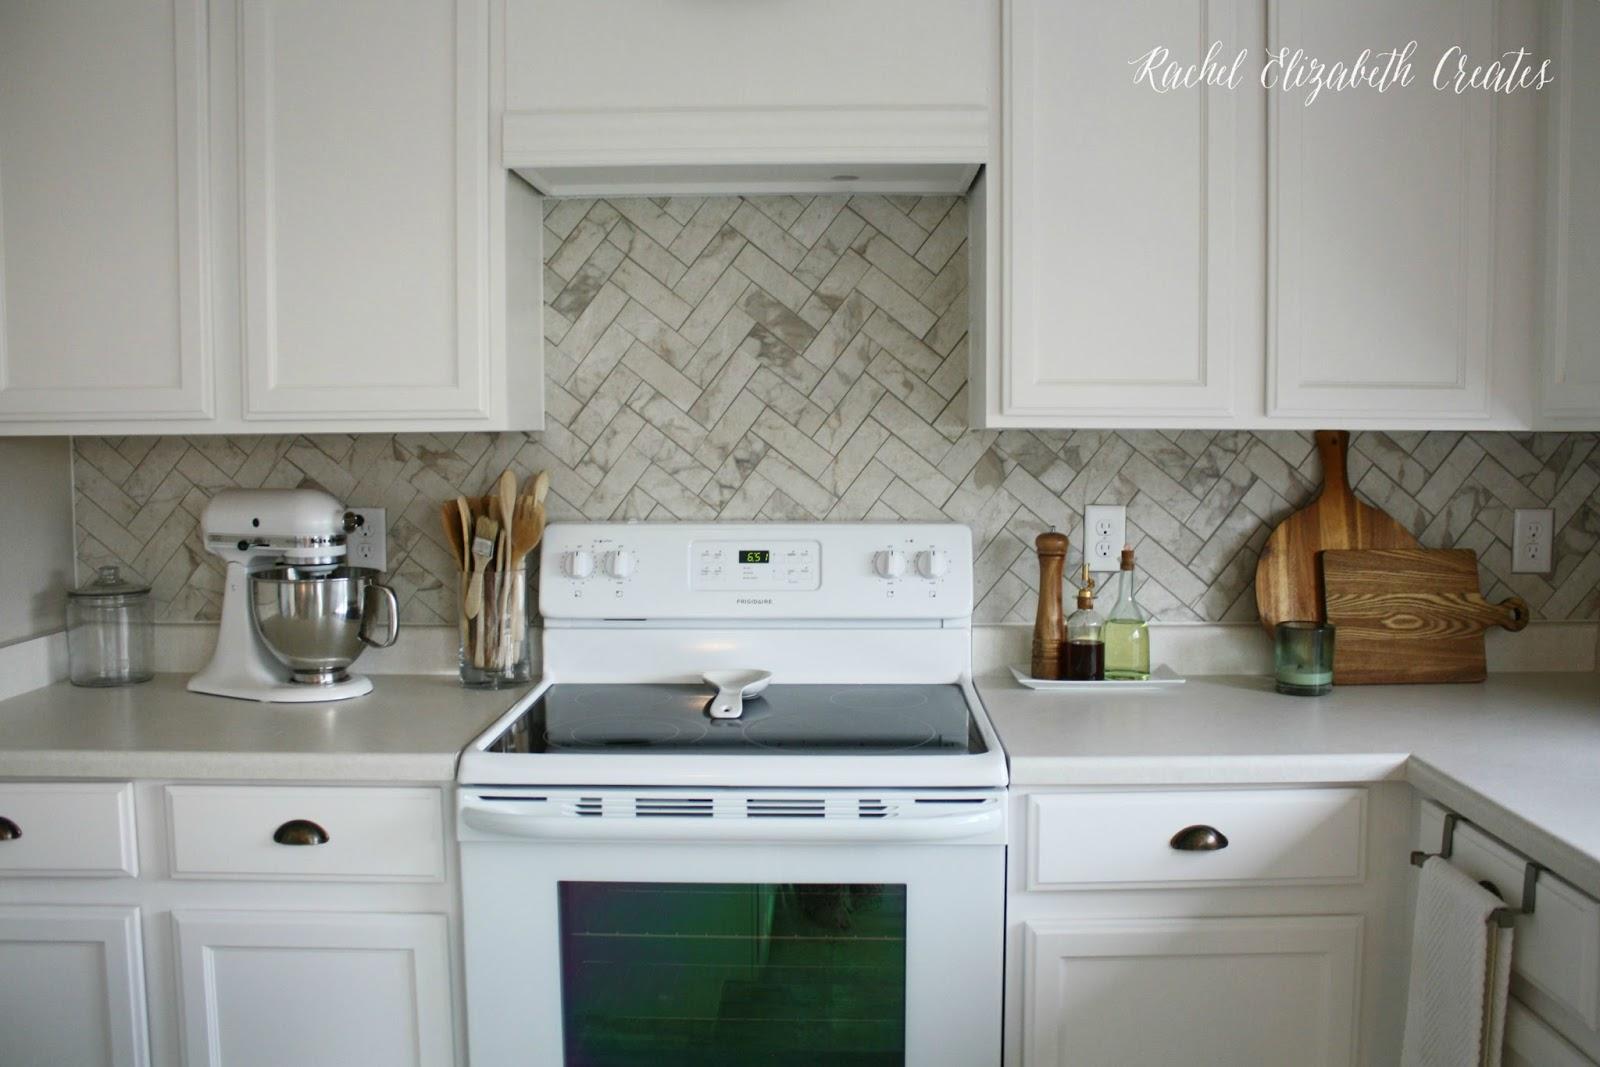 Herringbone Kitchen Backsplash Photos: $40 Carrara Marble Herringbone Inspired Backsplash